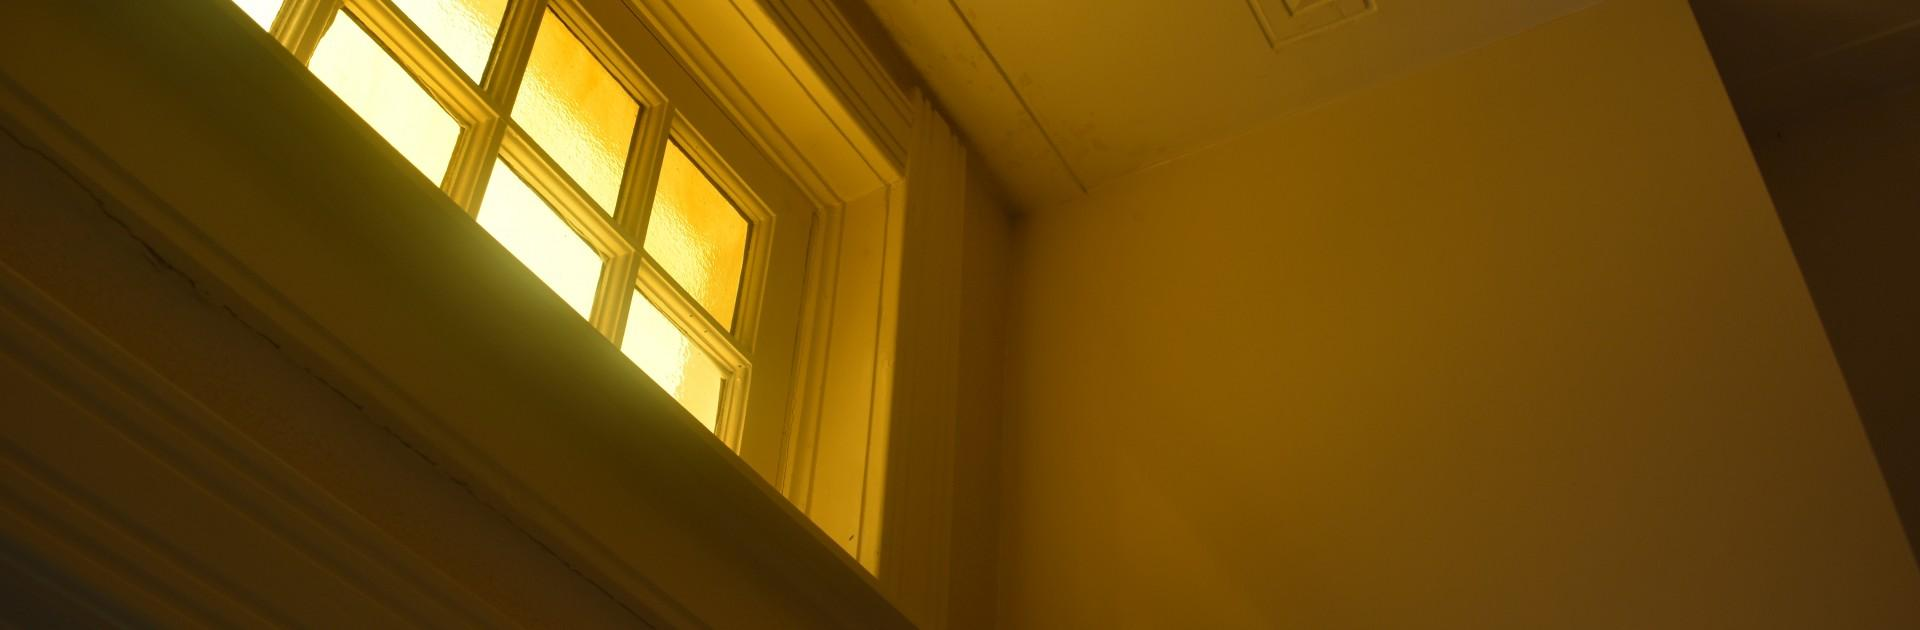 Te weinig daglicht of verlichting?